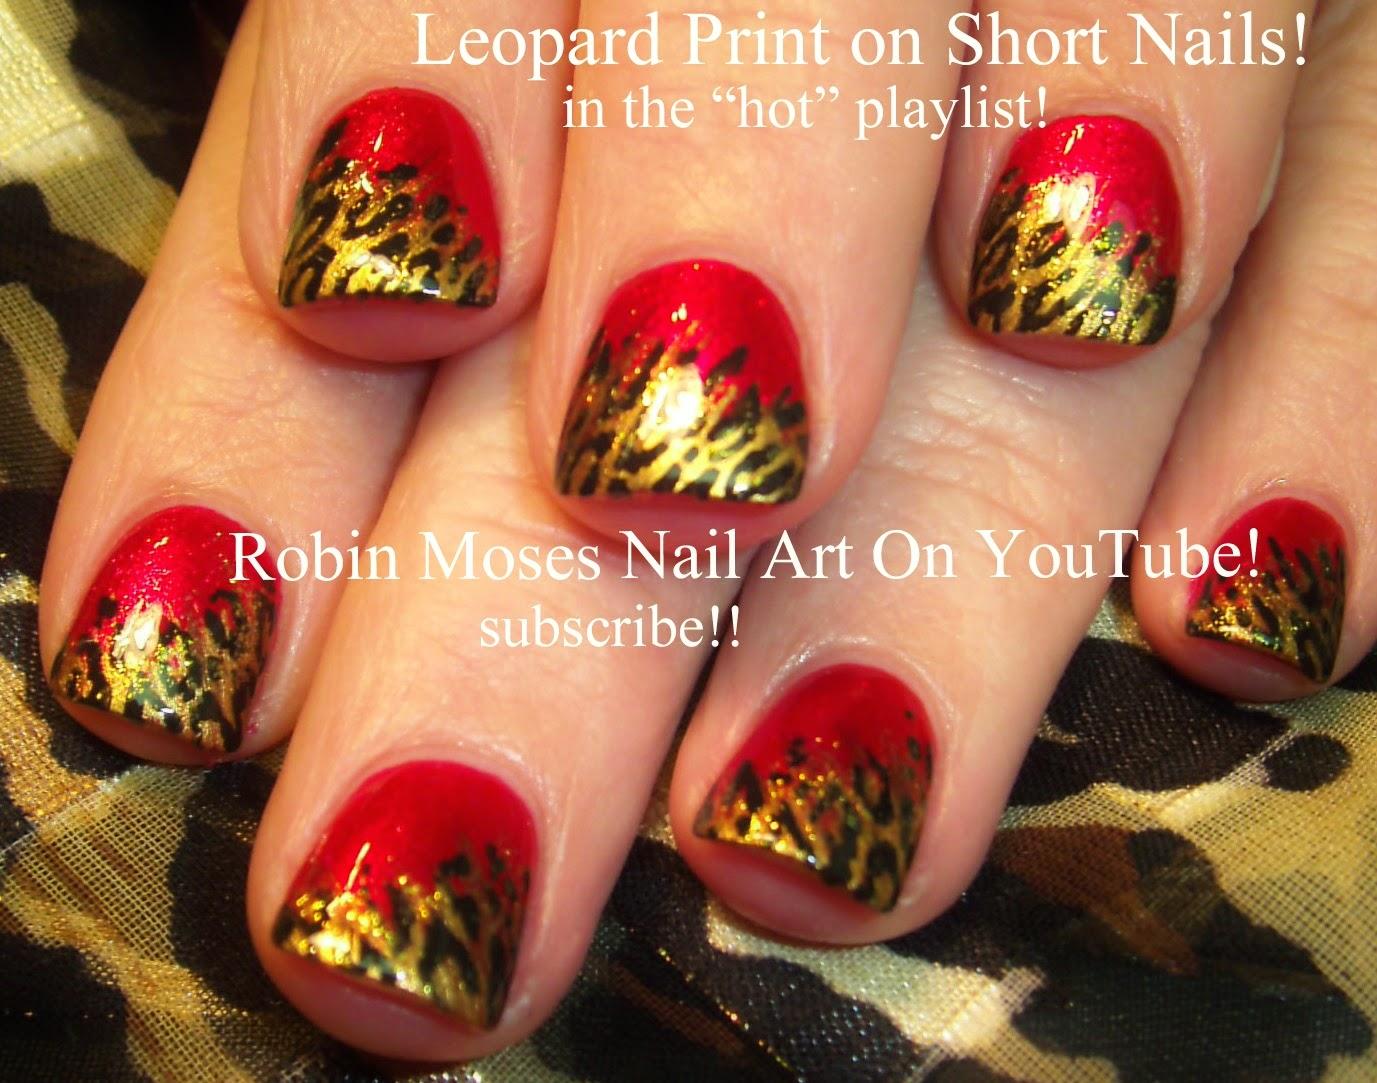 Robin moses nail art short nail art natural nail art fall nail art tutorials elegant nail art designs easy nail art for beginners and up diy formal party nail art tutorials prinsesfo Image collections